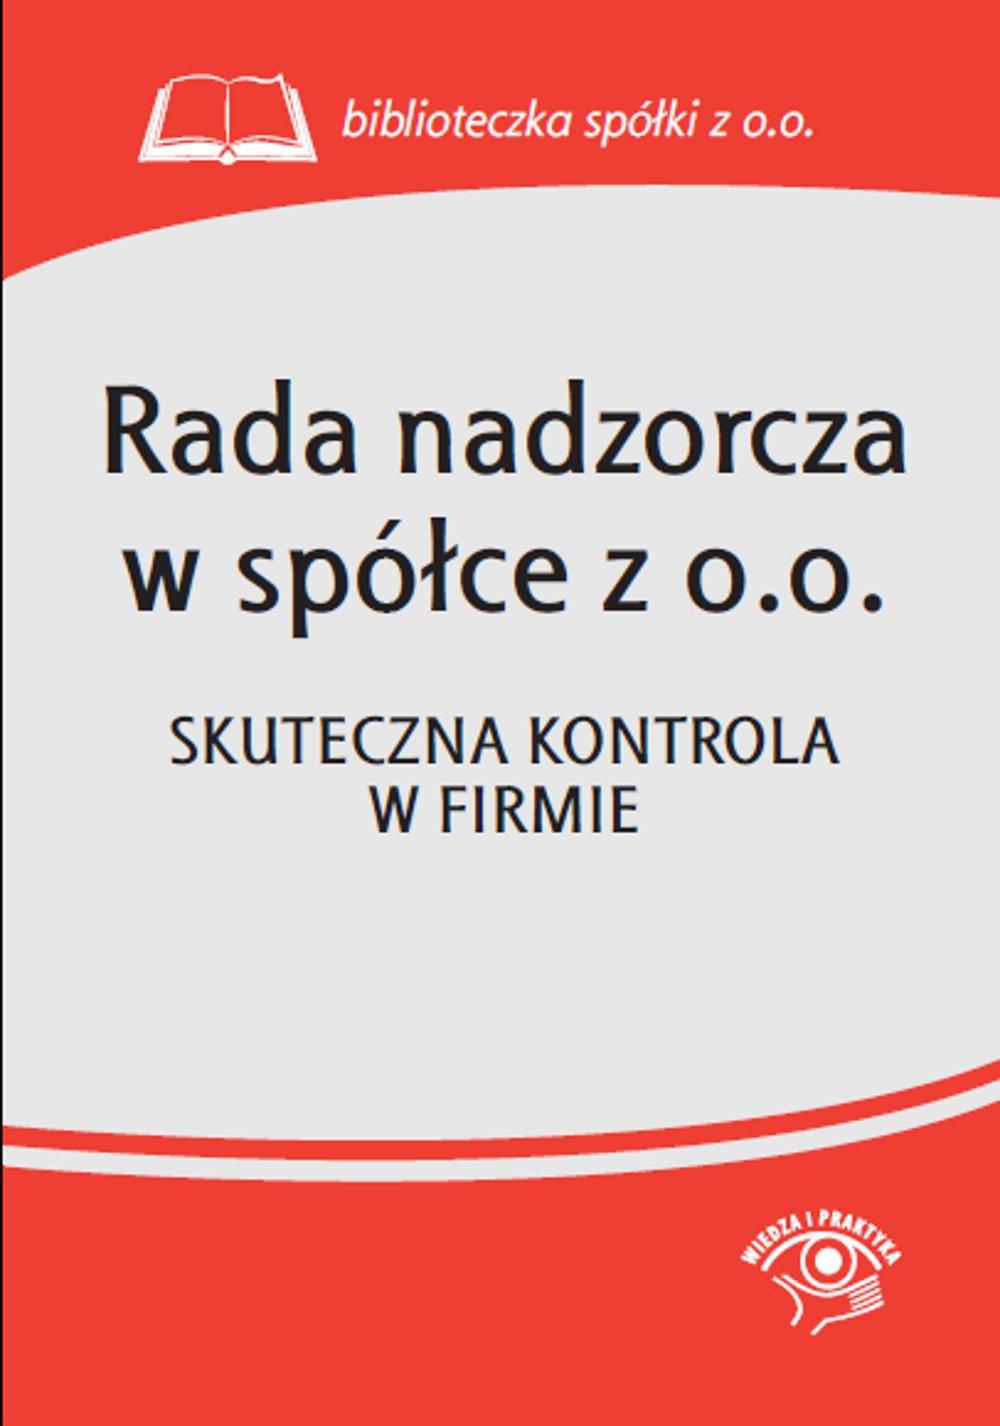 Rada nadzorcza w spółce z o.o. Skuteczna kontrola w firmie - Ebook (Książka PDF) do pobrania w formacie PDF